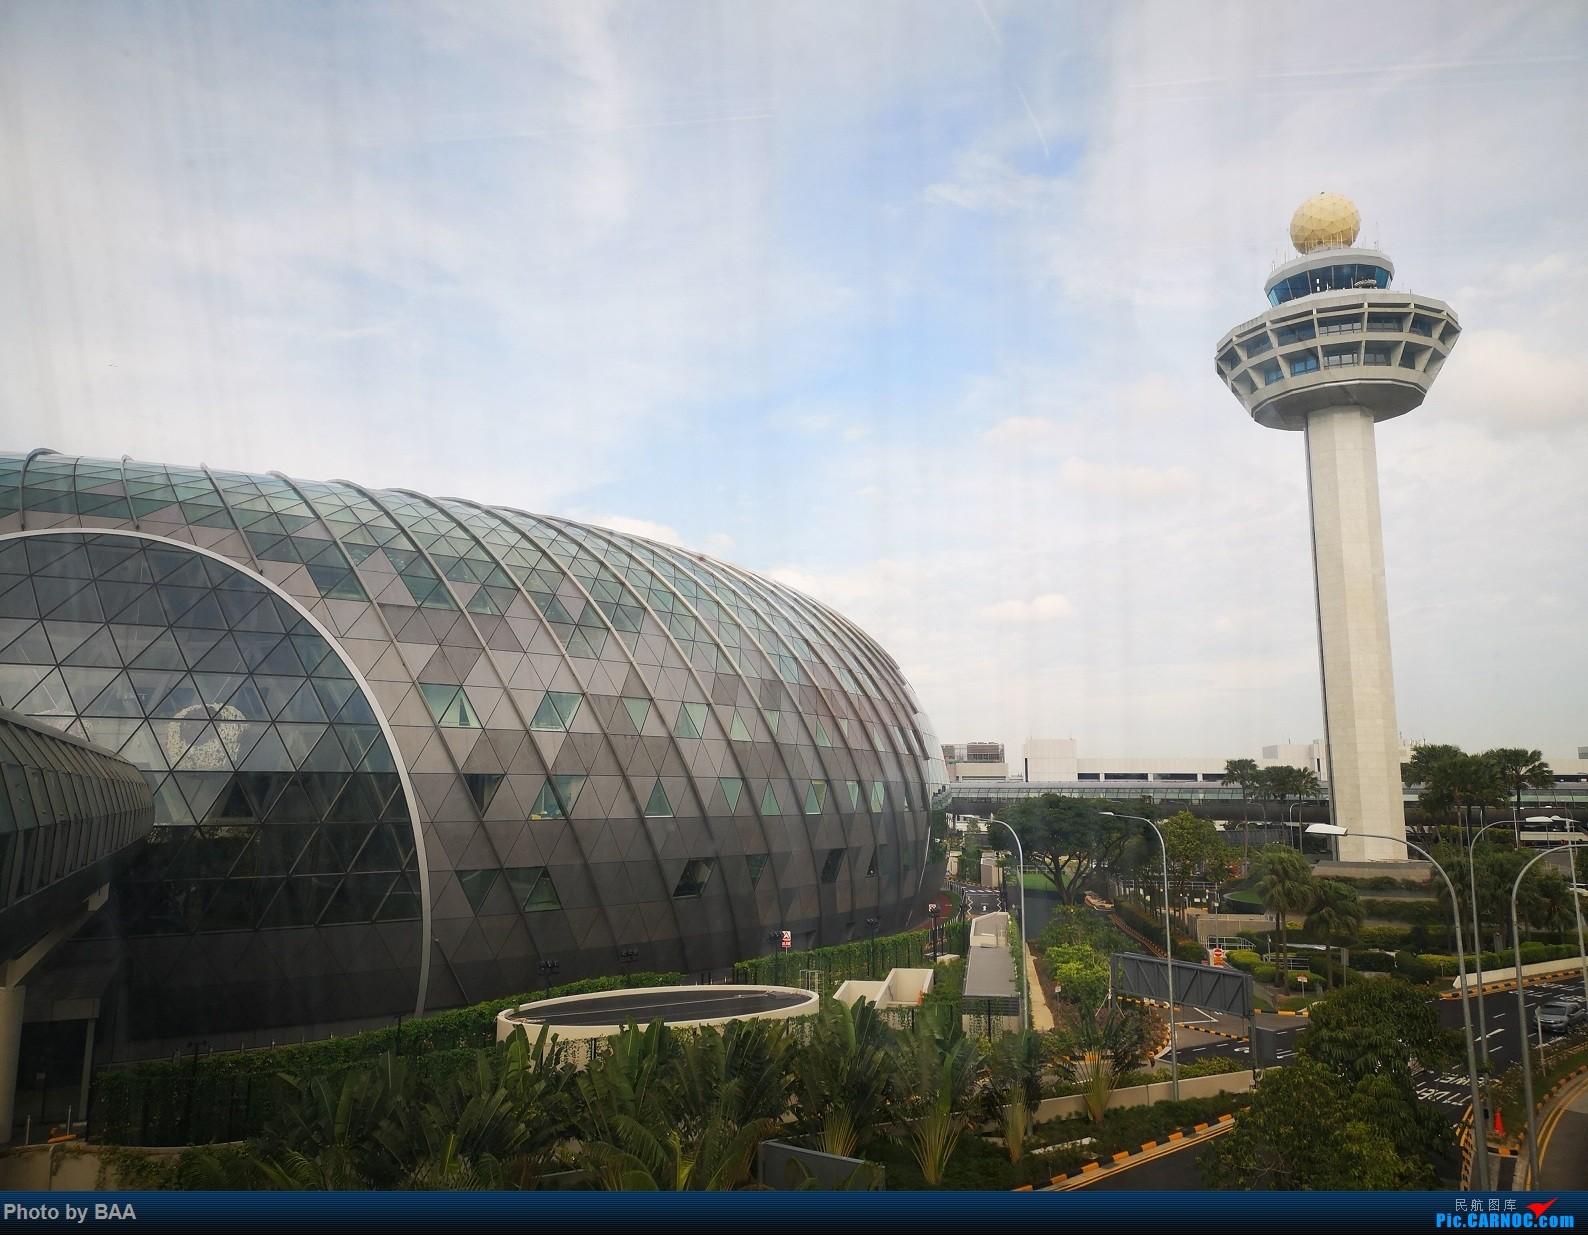 [原创]《带你去旅行》之新加坡之旅(下):星耀樟宜一日游后从新加坡经伊斯坦布尔新机场飞伦敦